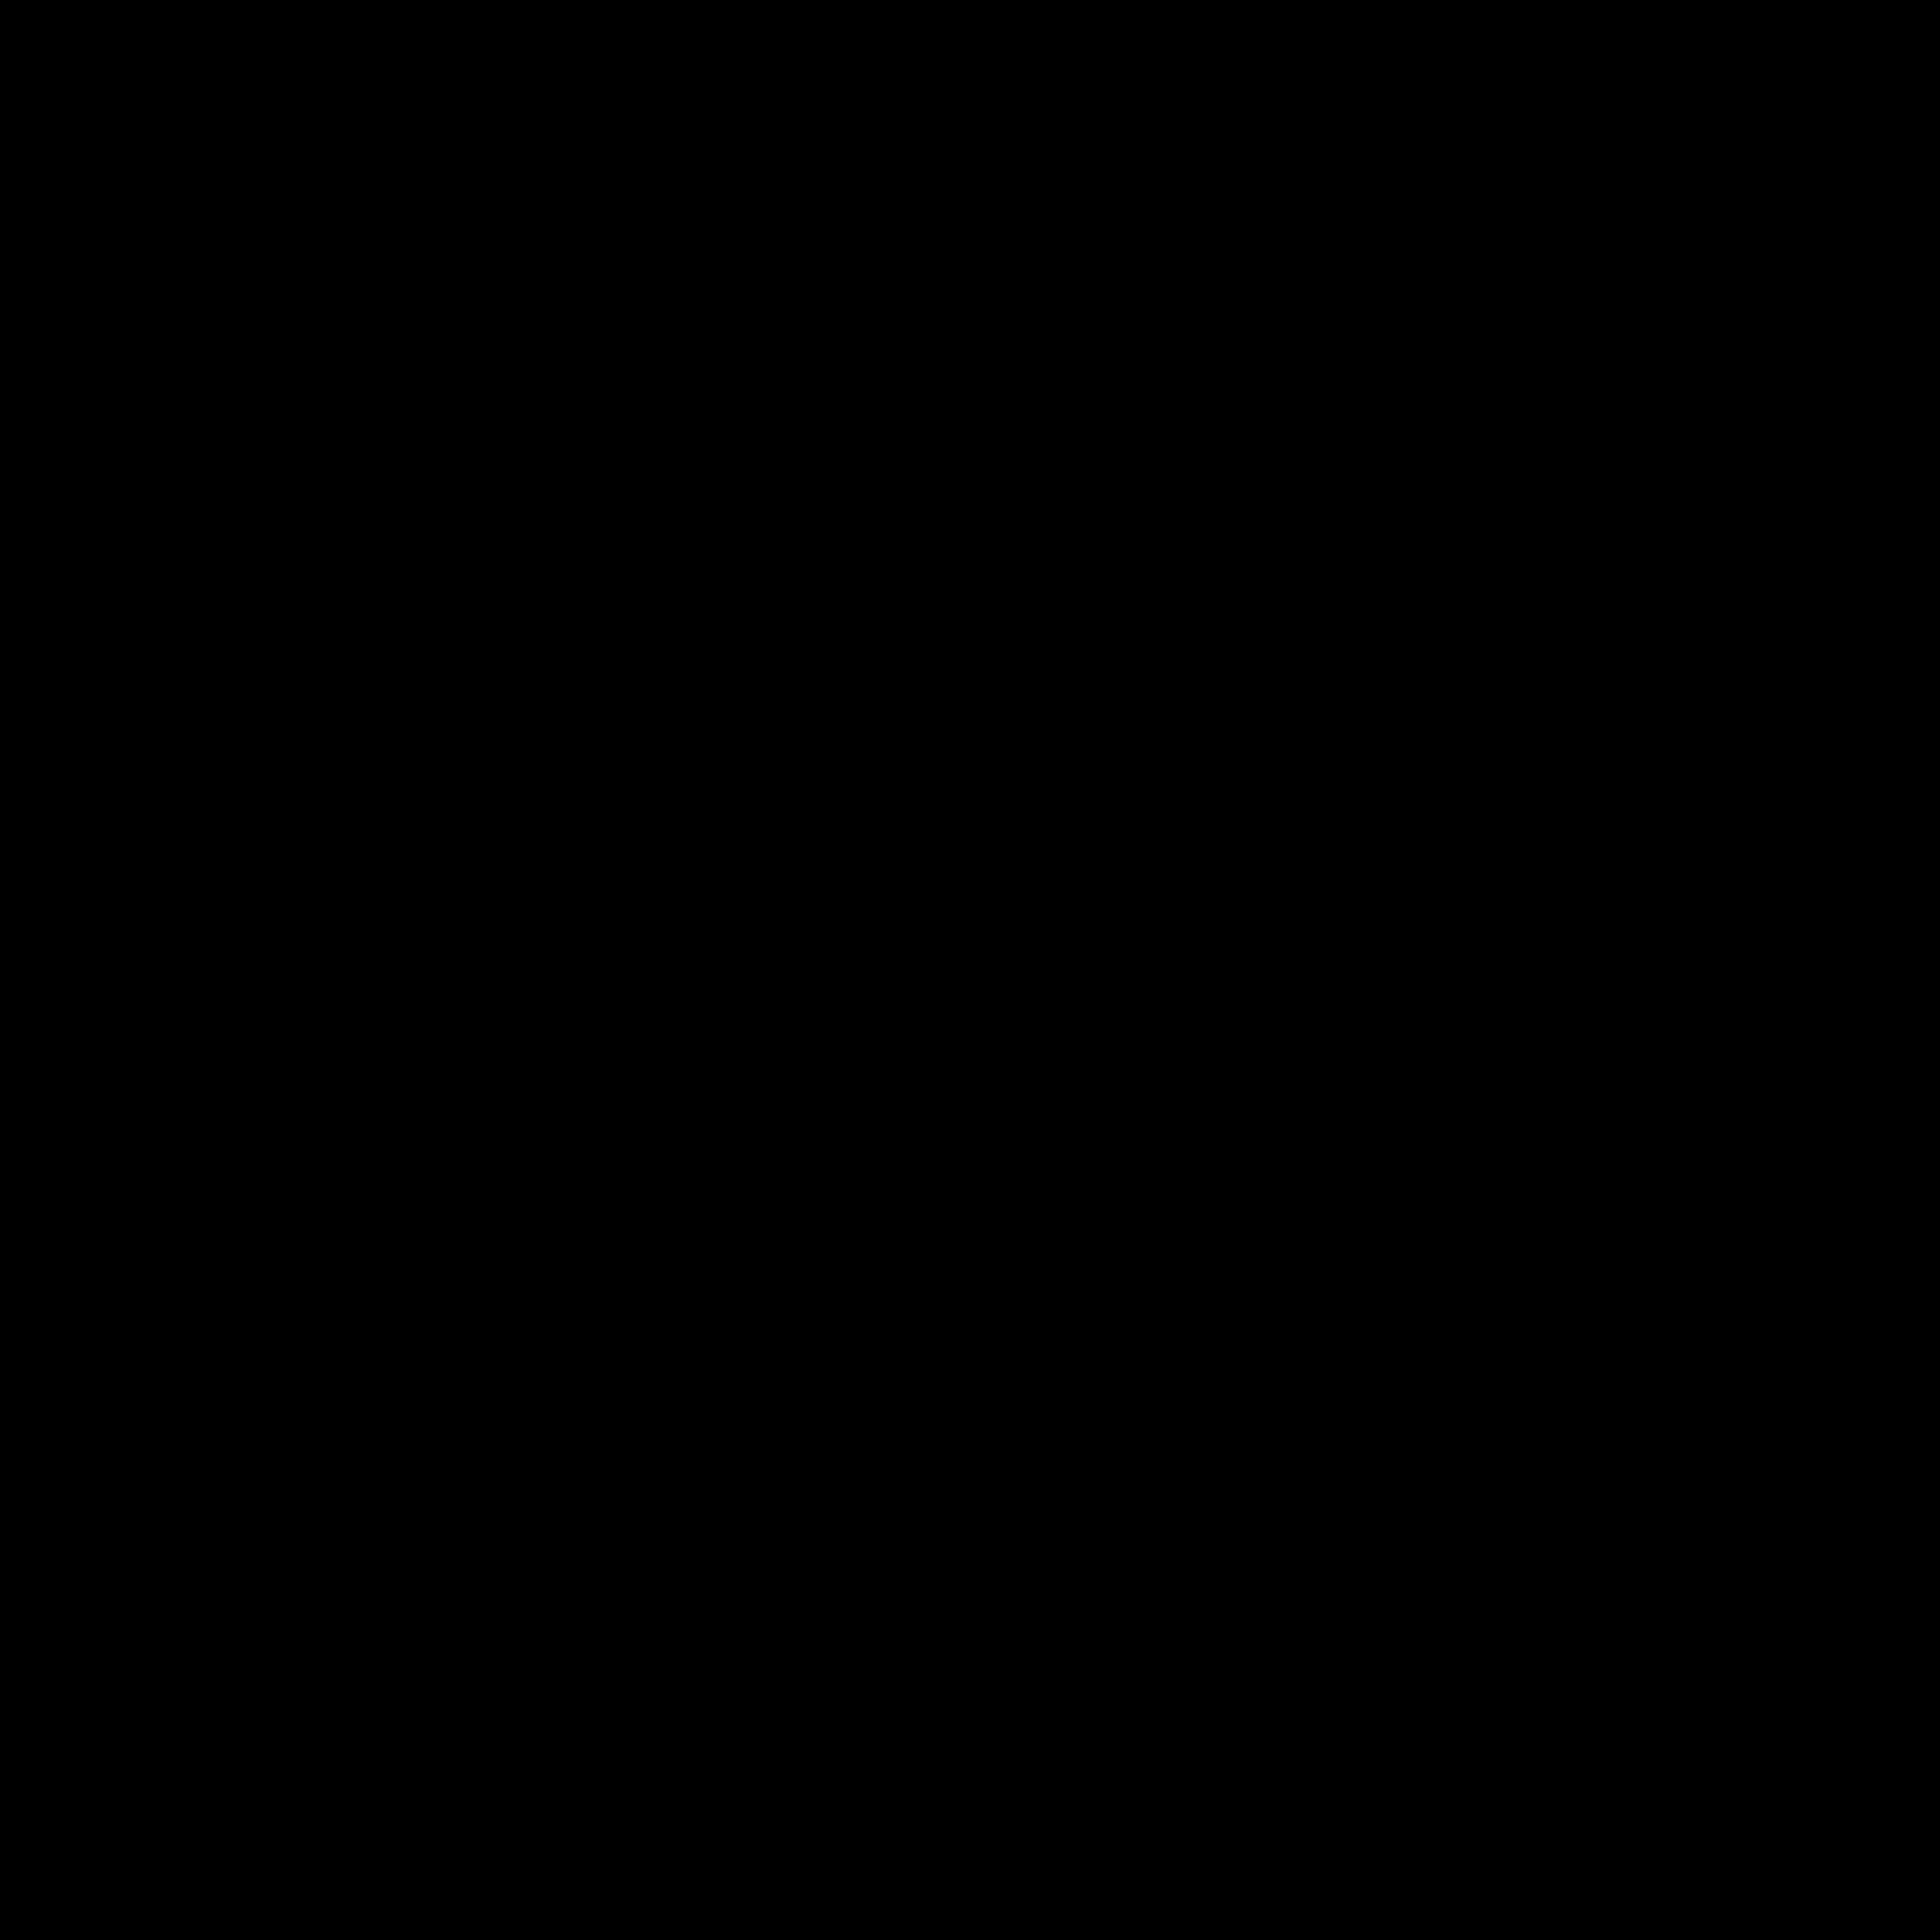 The Retirement Café Podcast show art